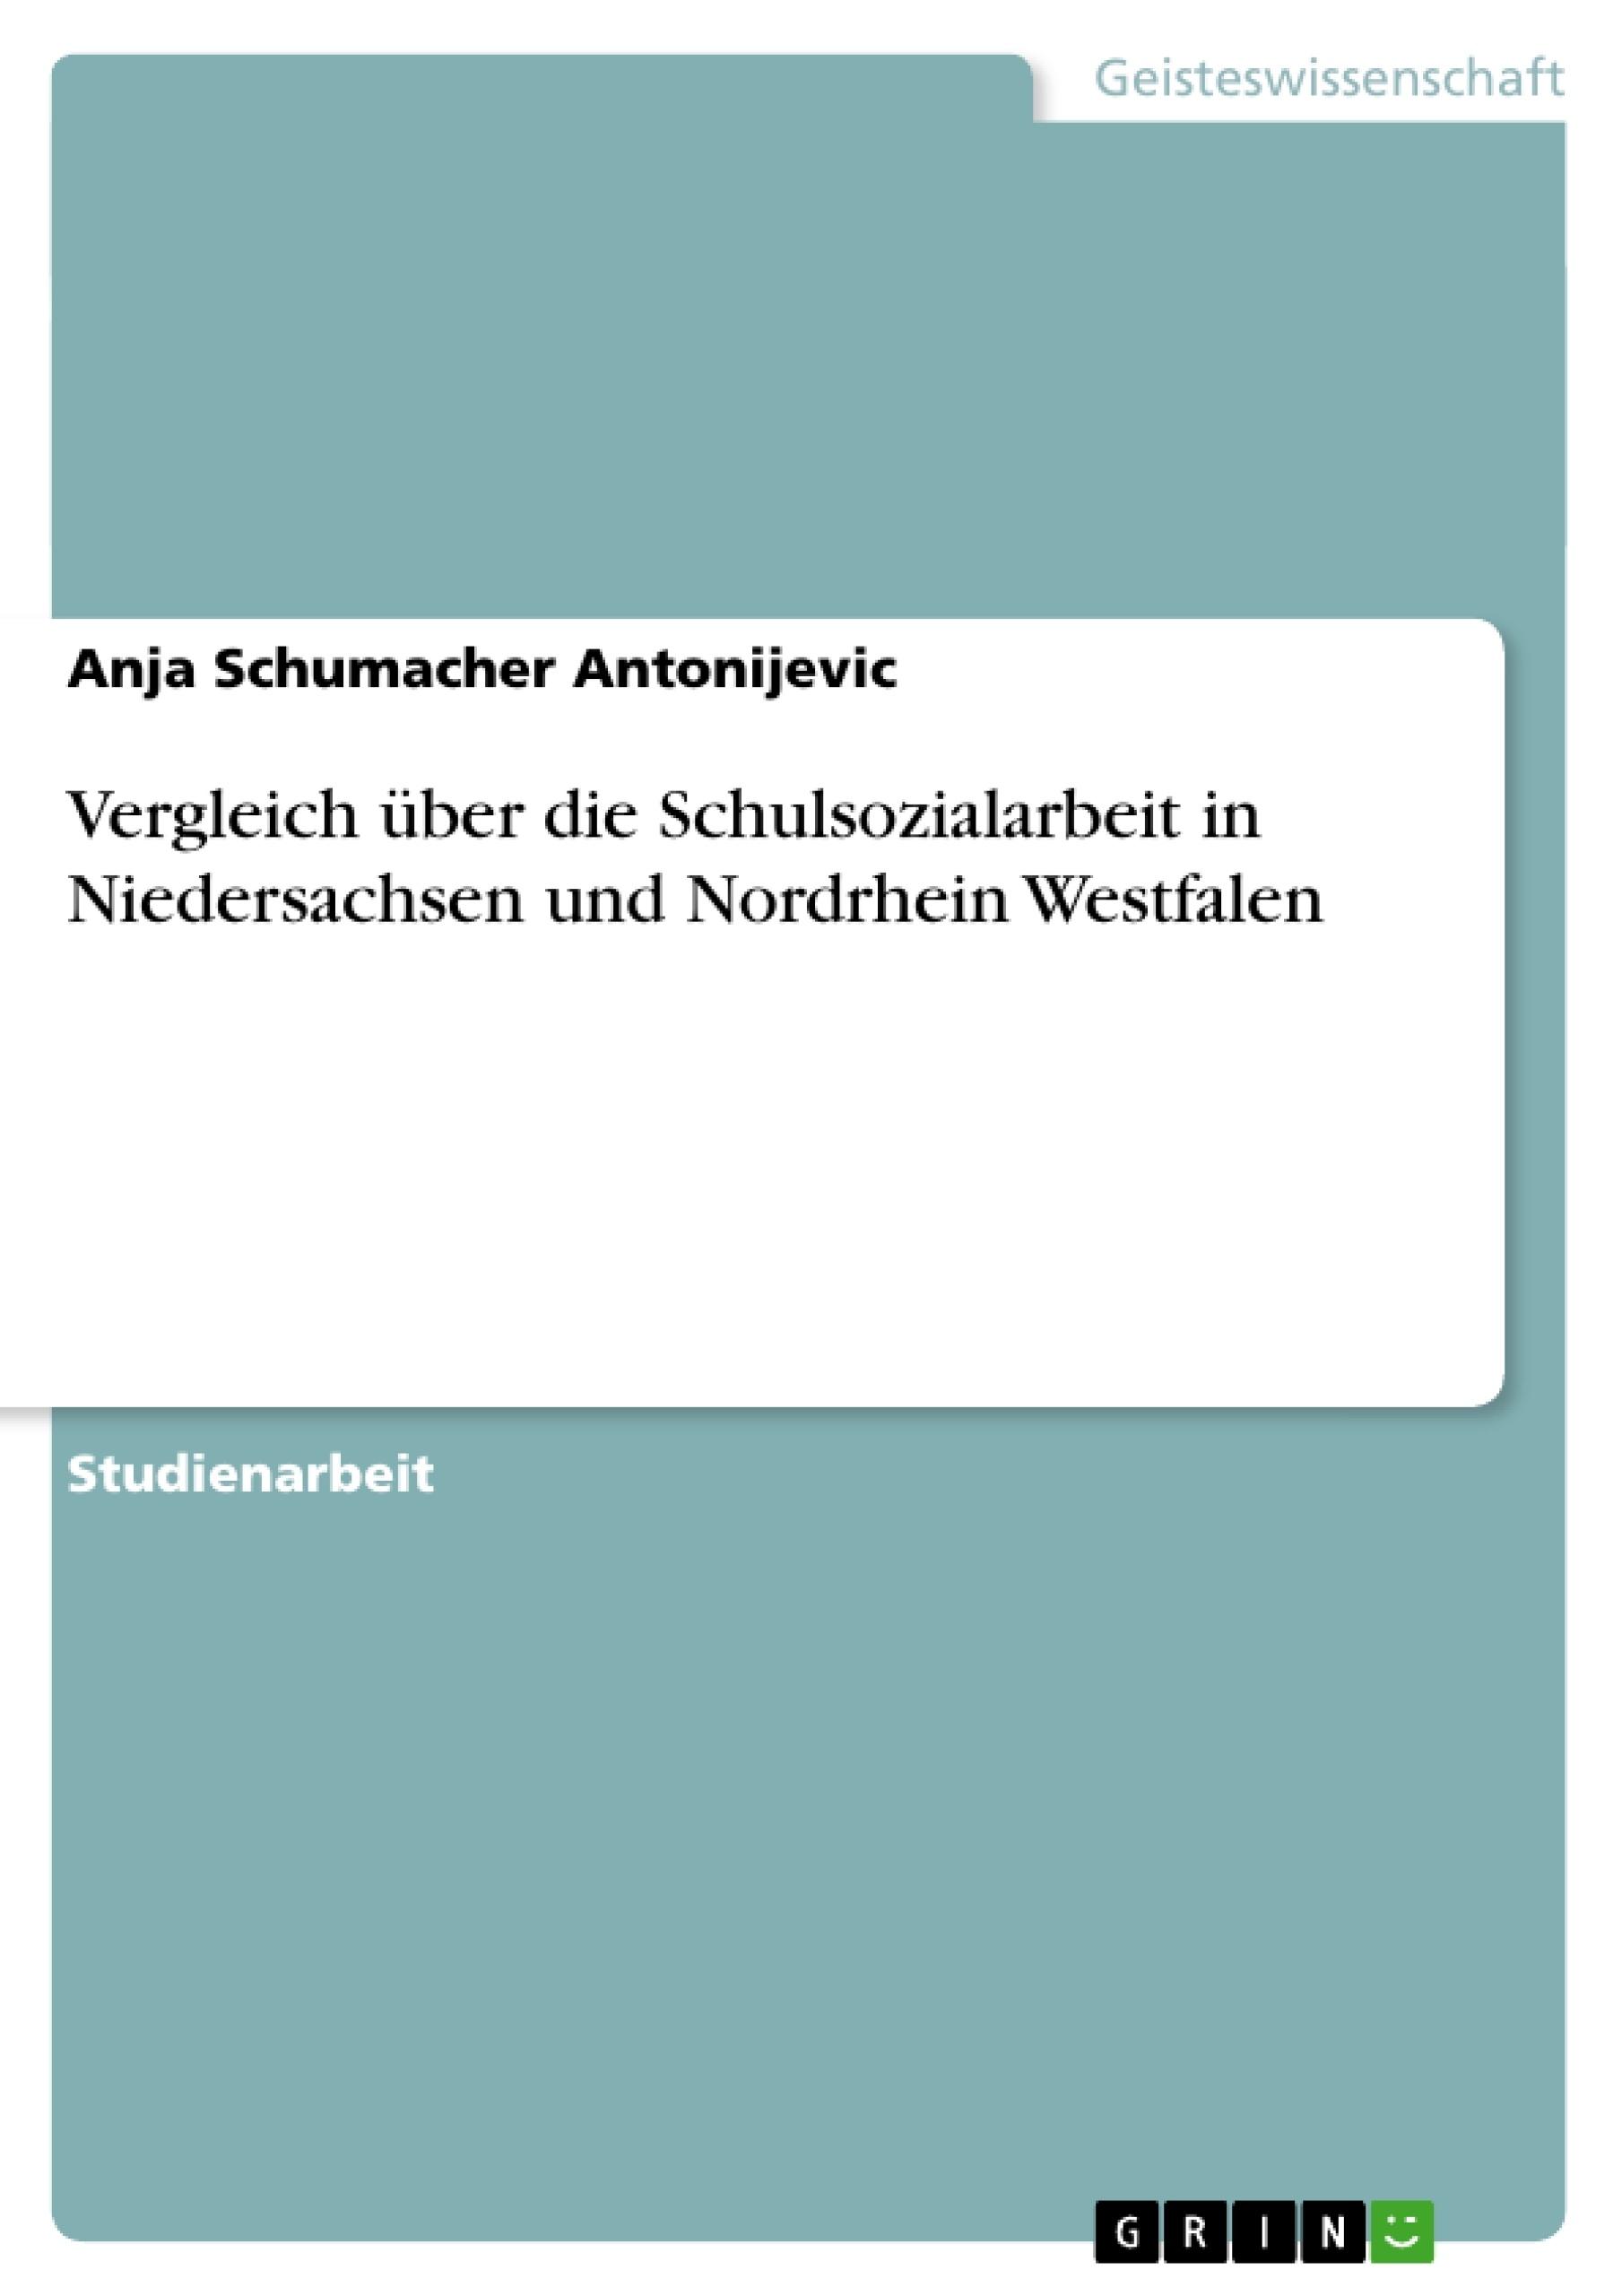 Titel: Vergleich über die Schulsozialarbeit in Niedersachsen und Nordrhein Westfalen